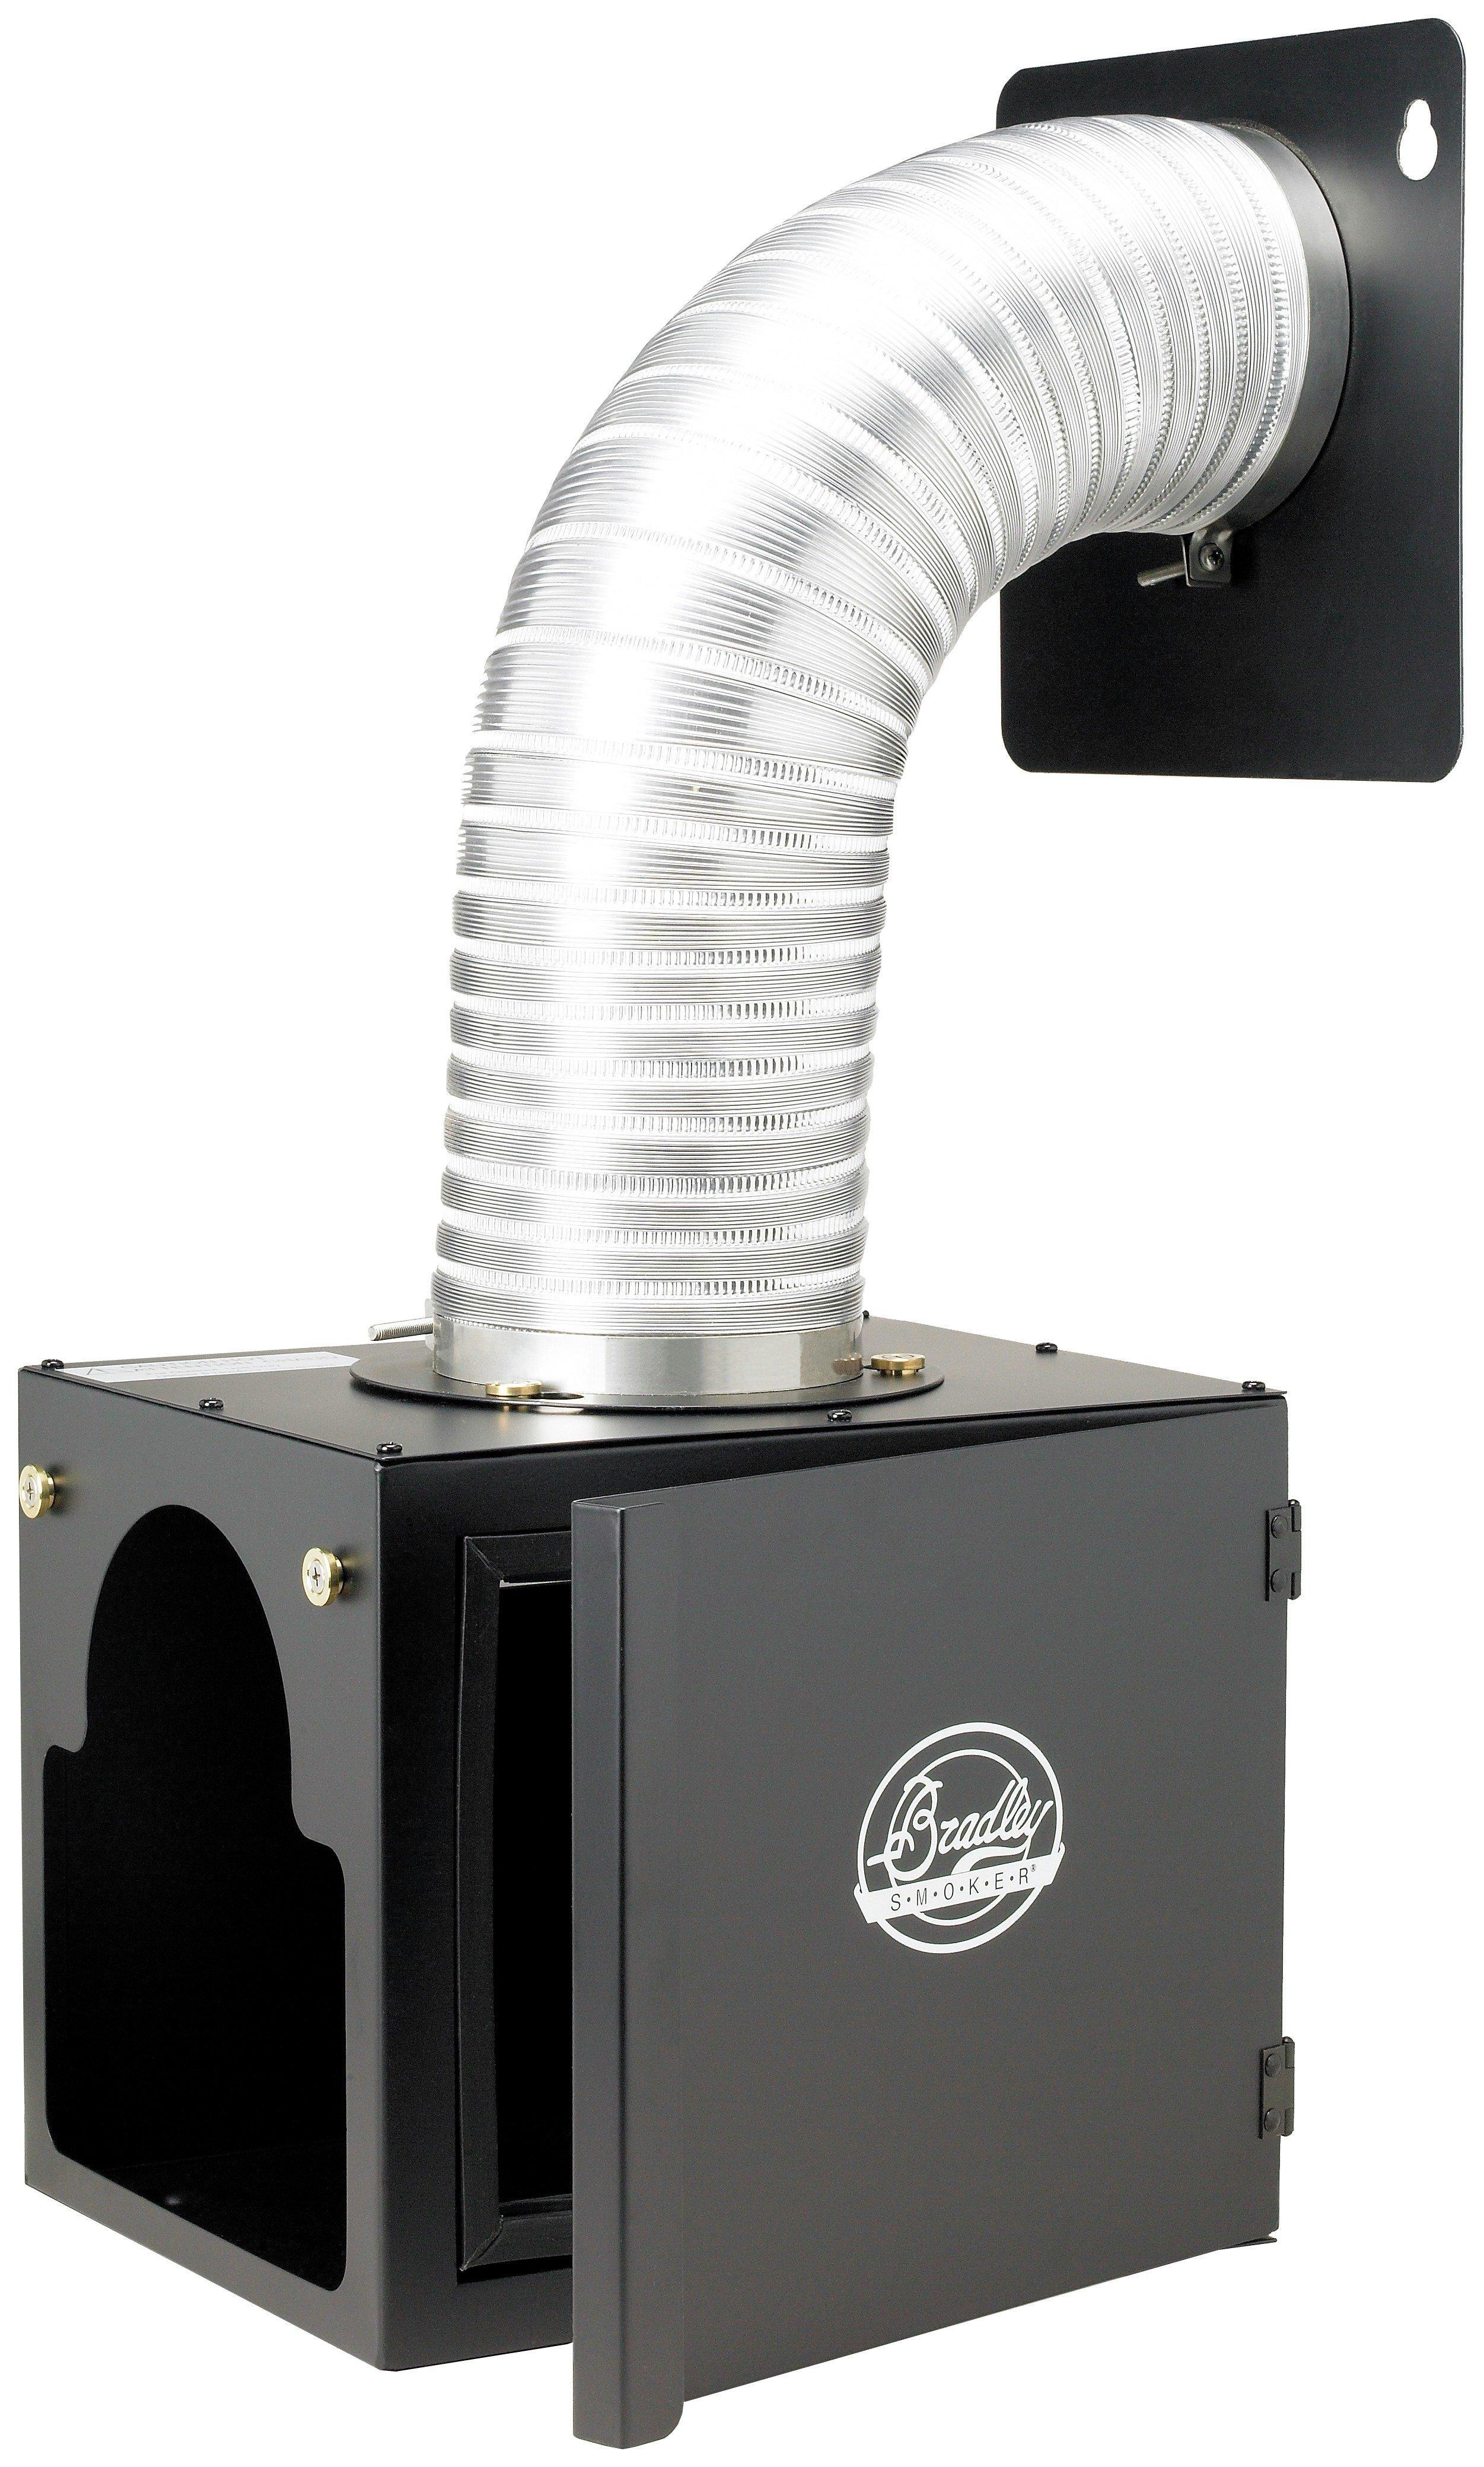 Bradley Smoker - BTCOLD Cold Smoking Adaptor lowest price